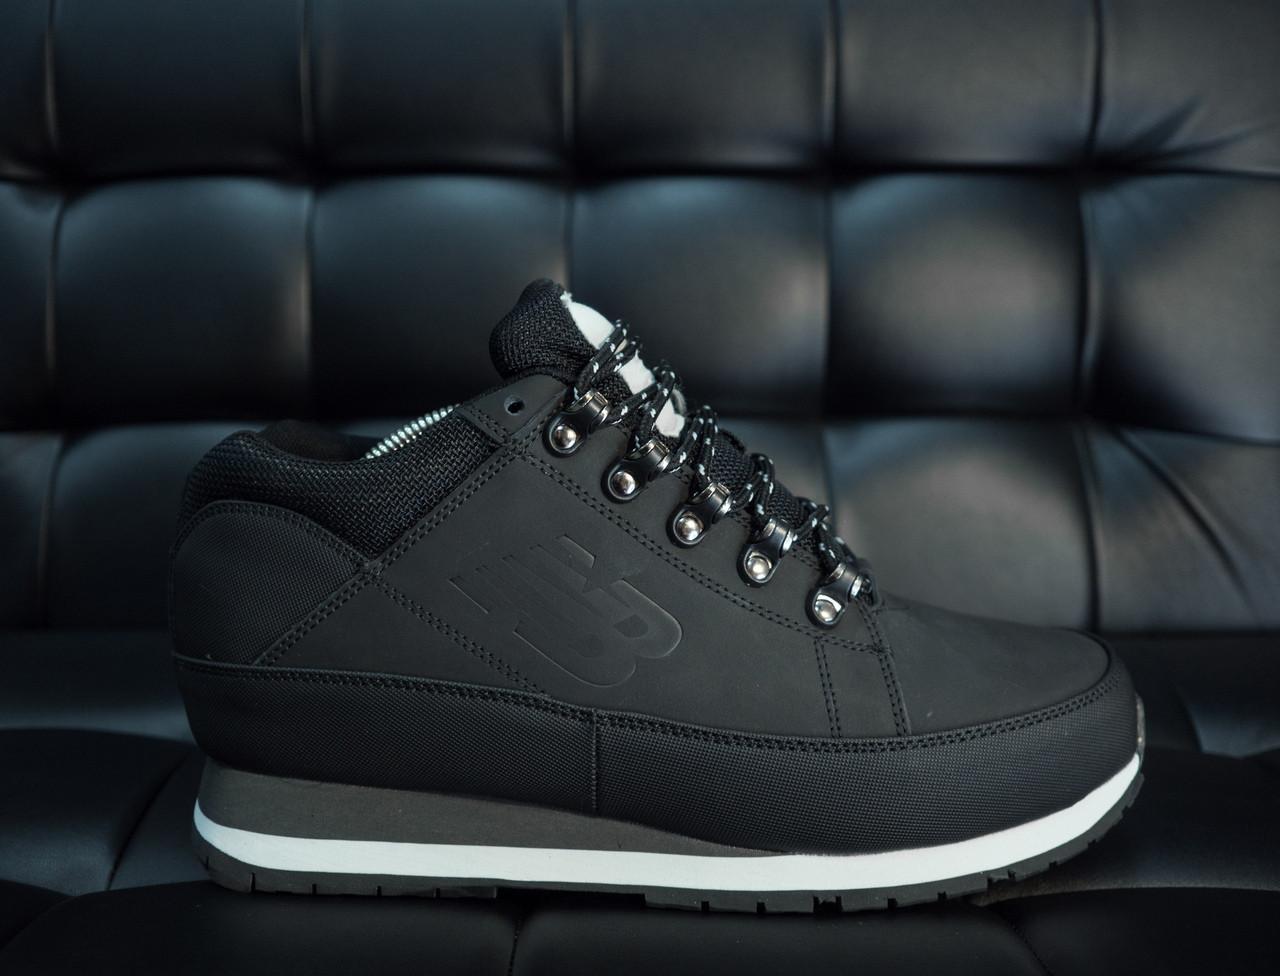 e83f1a6b Мужские зимние кроссовки New Balance 754 черные с белой подошвой топ  реплика - Интернет-магазин